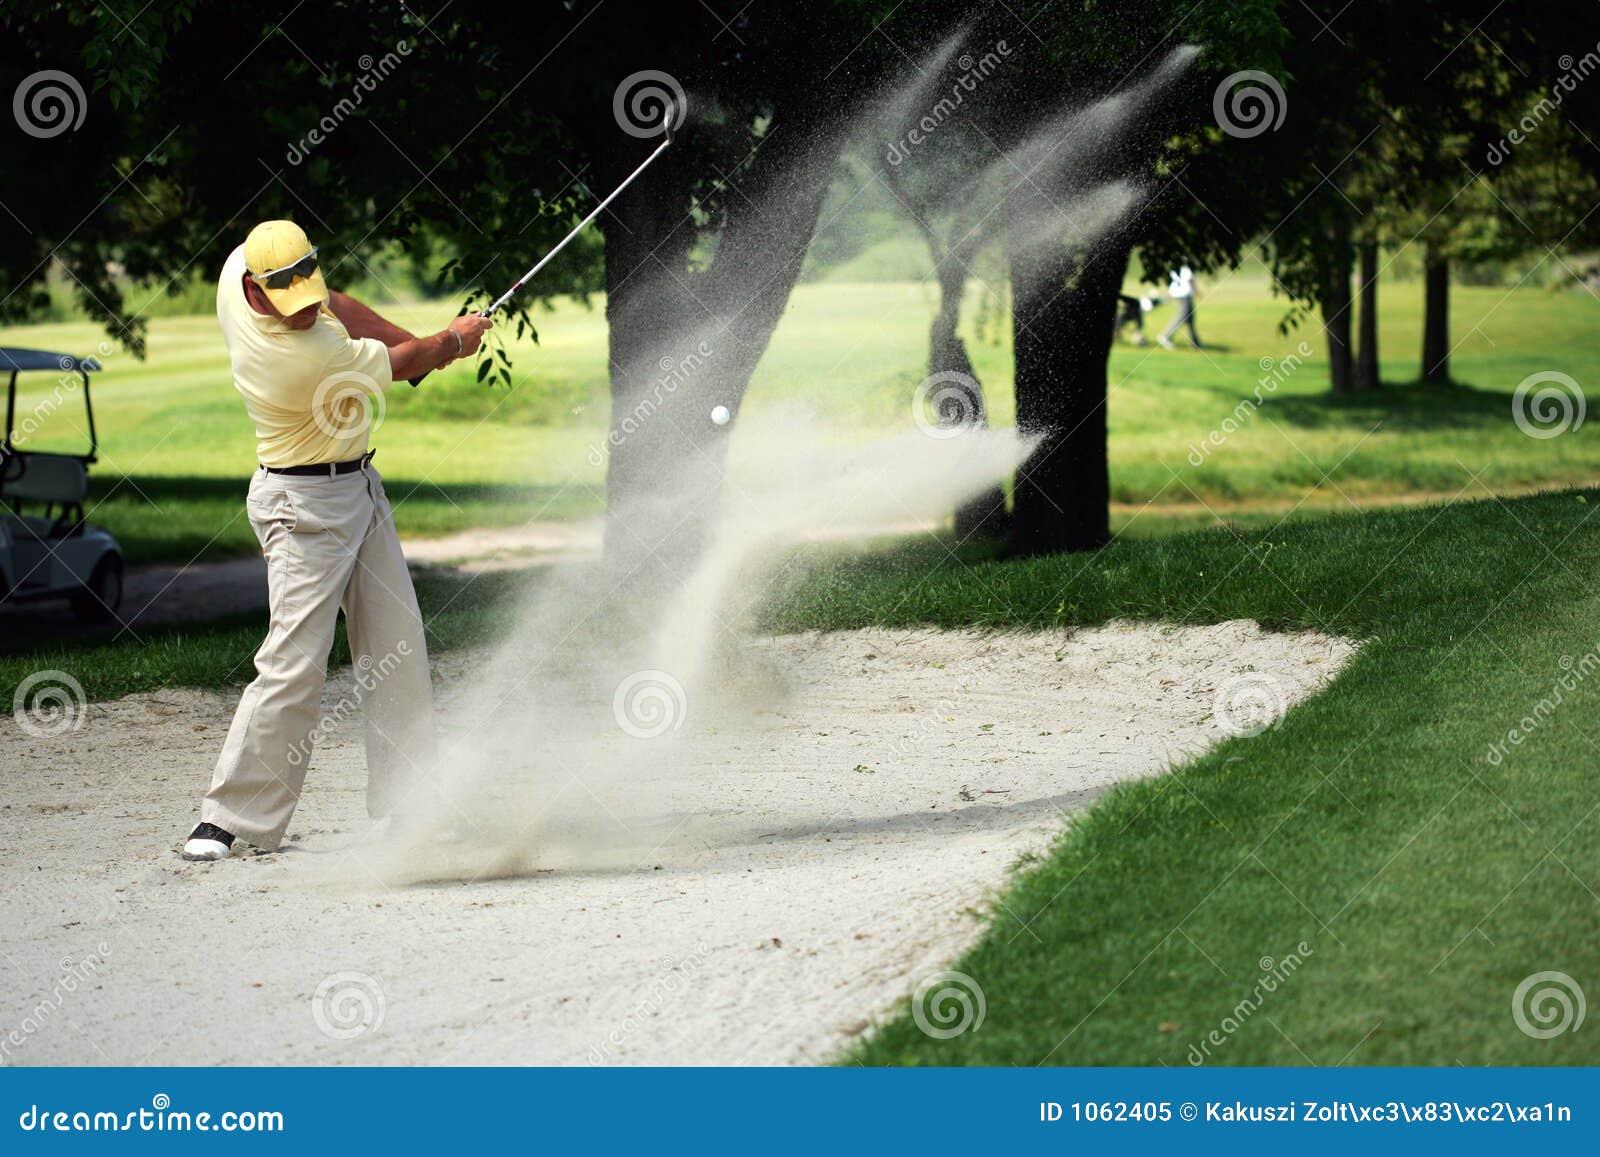 高尔夫球发送技术